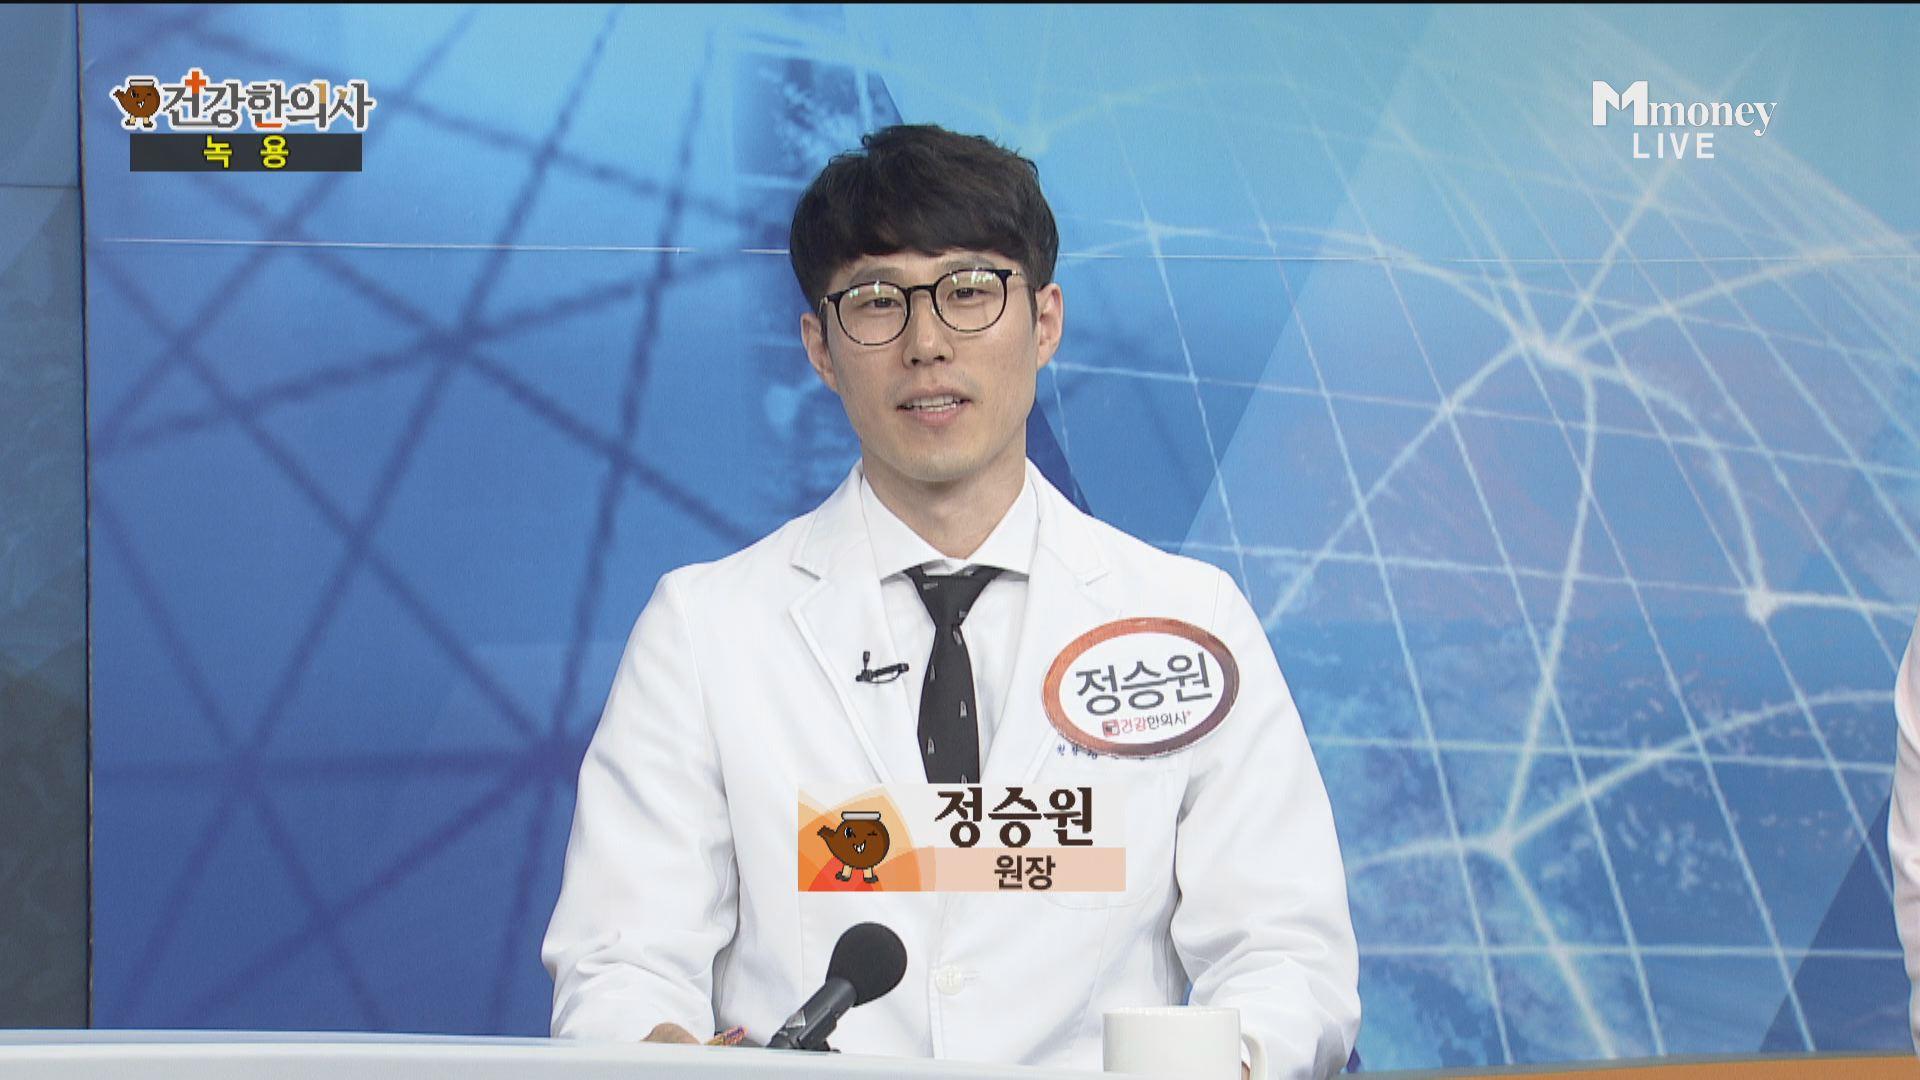 목동한의원추천 경희아이큐한의원 정승원원장님을 소개해요